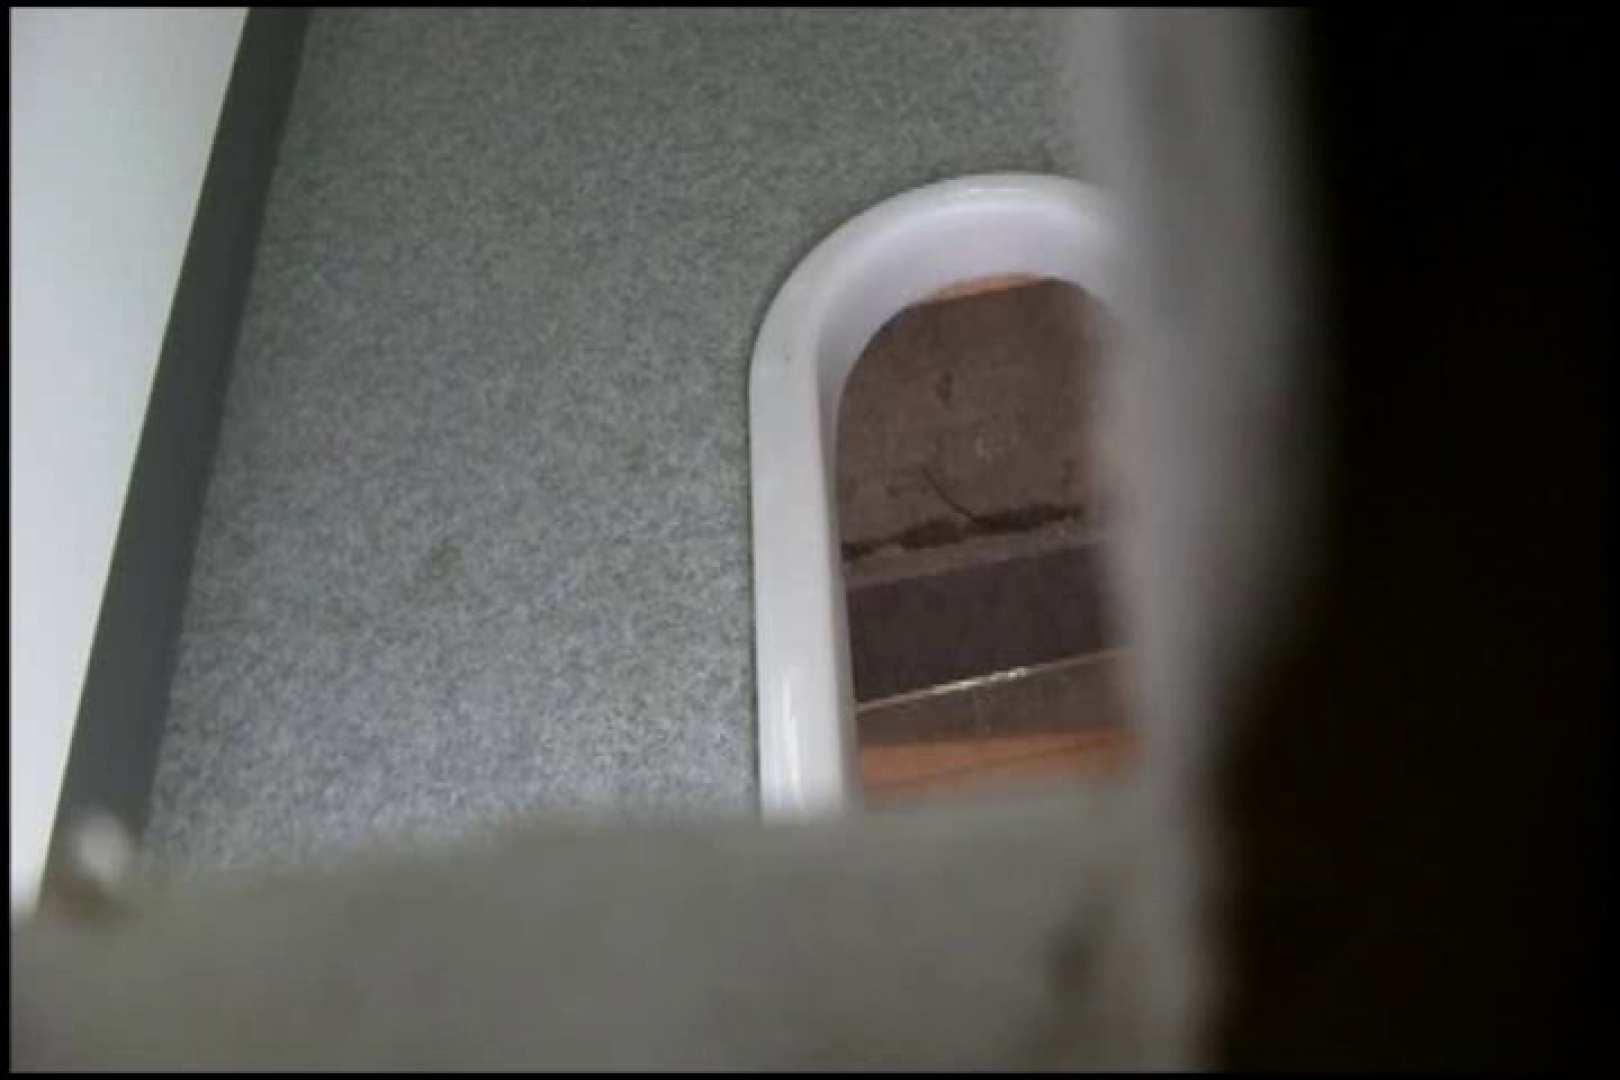 和式にまたがる女たちを待ちうけるカメラの衝撃映像vol.02 和式 覗きおまんこ画像 96枚 29